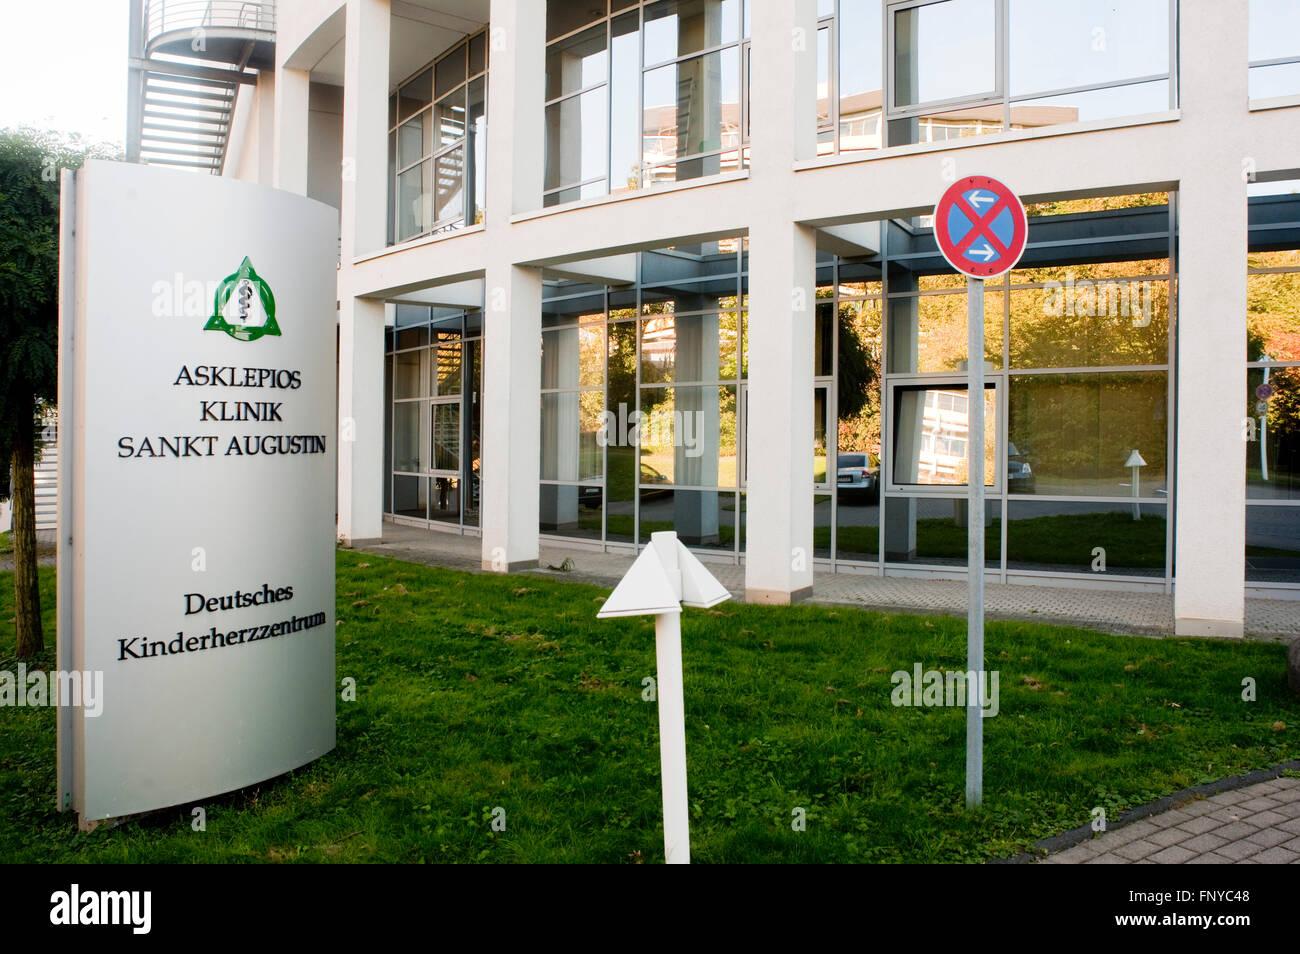 Deutschland, Nordrhein-Westfalen, Rhein-Sieg-Kreis, Sankt Augustin, Asklepios Klinik, Deutsches Kinderherzzentrum - Stock Image